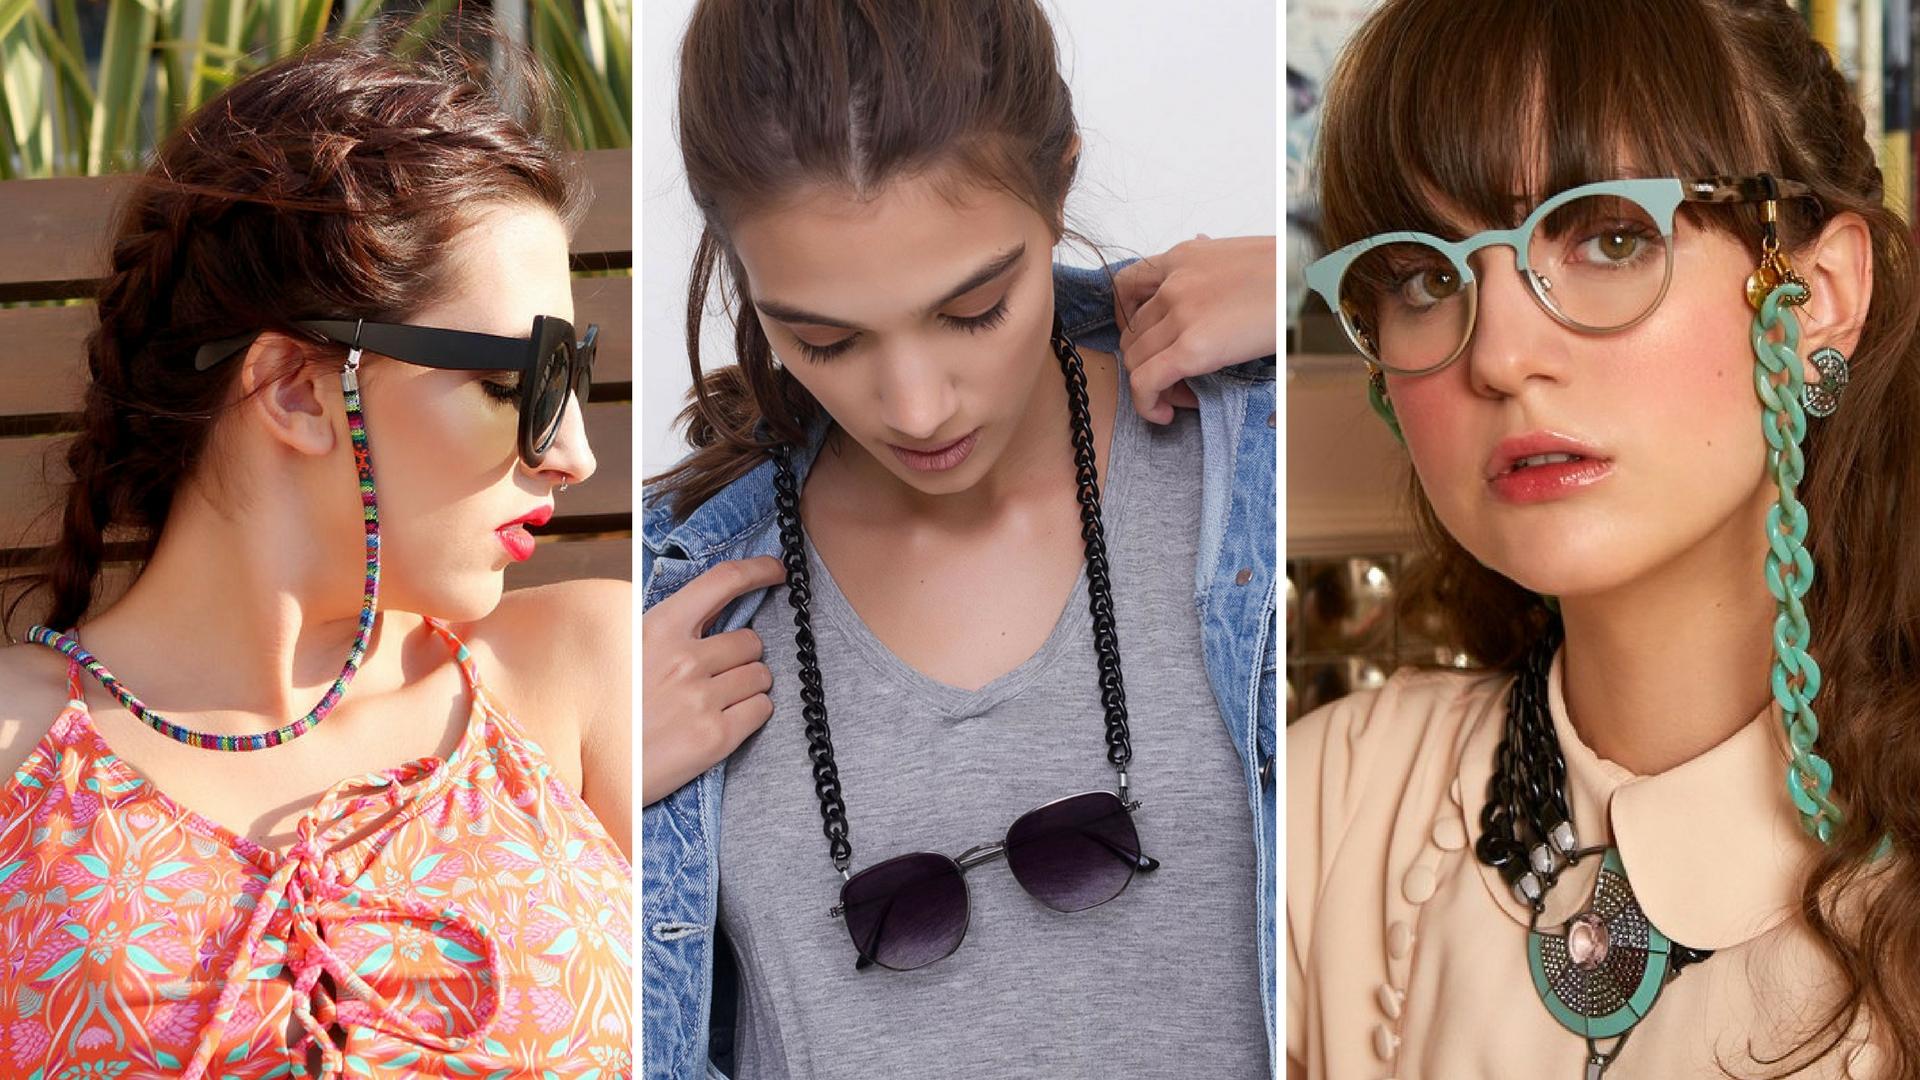 740afa9b5 Aqui na Feira Shop você encontra vários modelos de correntinhas de óculos  para usar e abusar da tendência, confira em nossa categoria de acessórios.